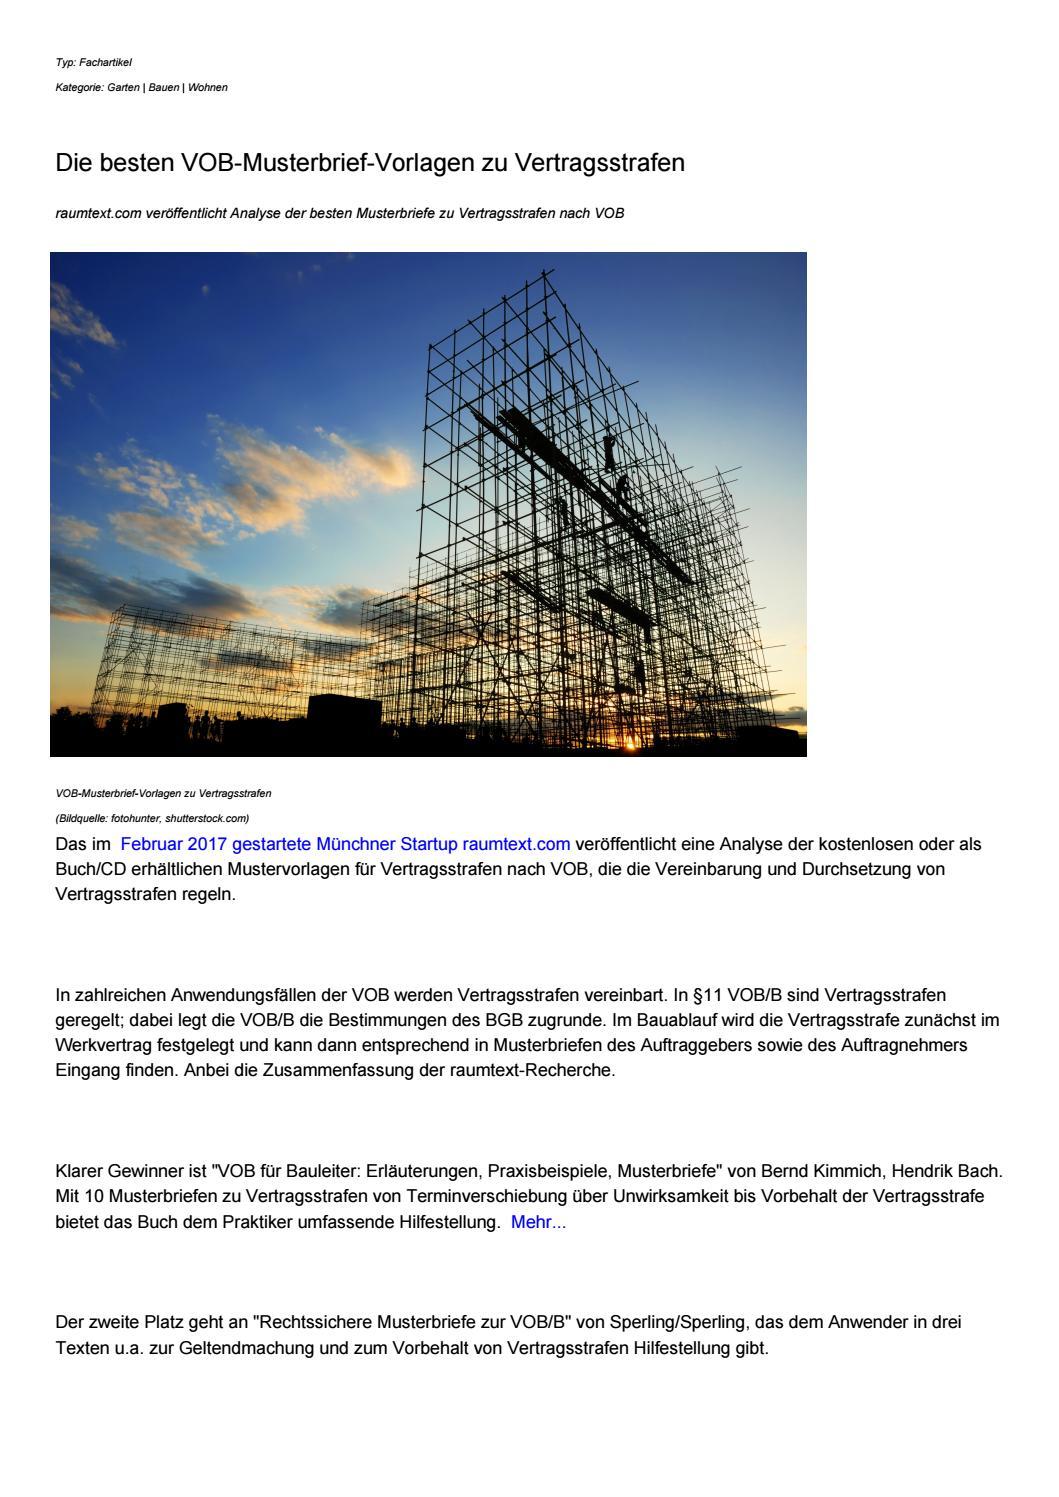 Die Besten Vob Musterbrief Vorlagen Zu Vertragsstrafen By